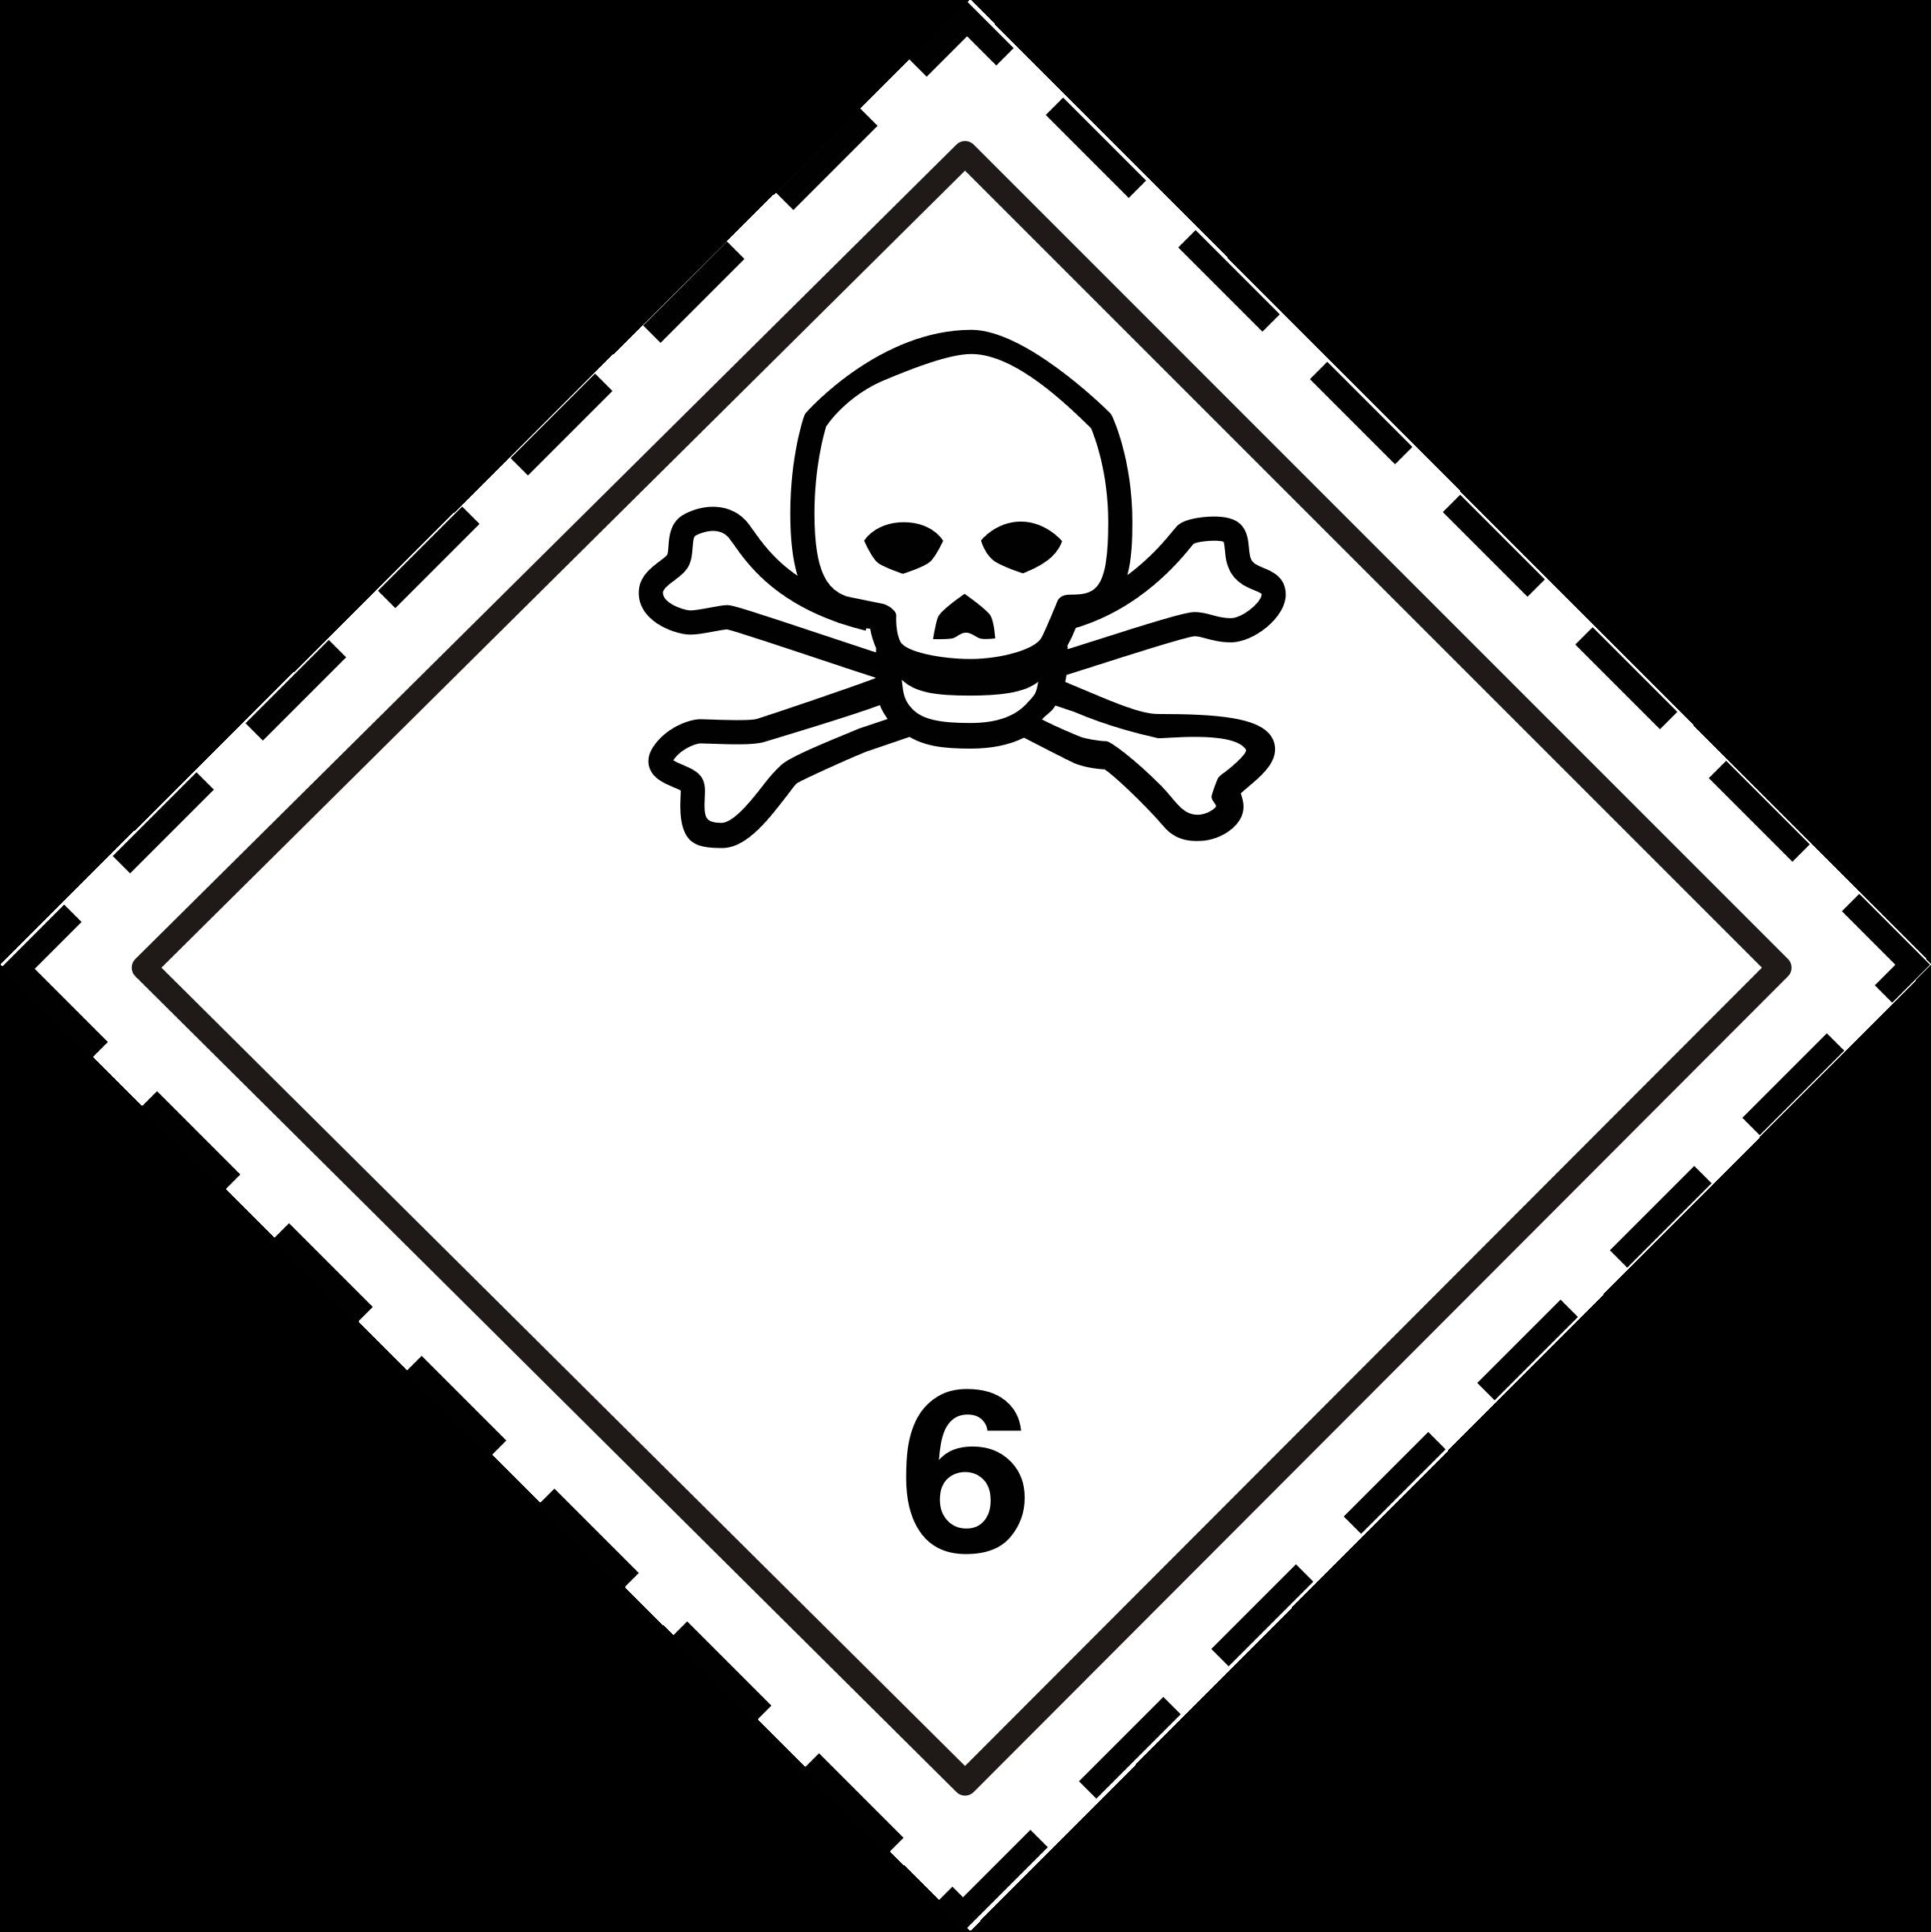 Adr pictogram big image. Poison clipart dangerous chemical